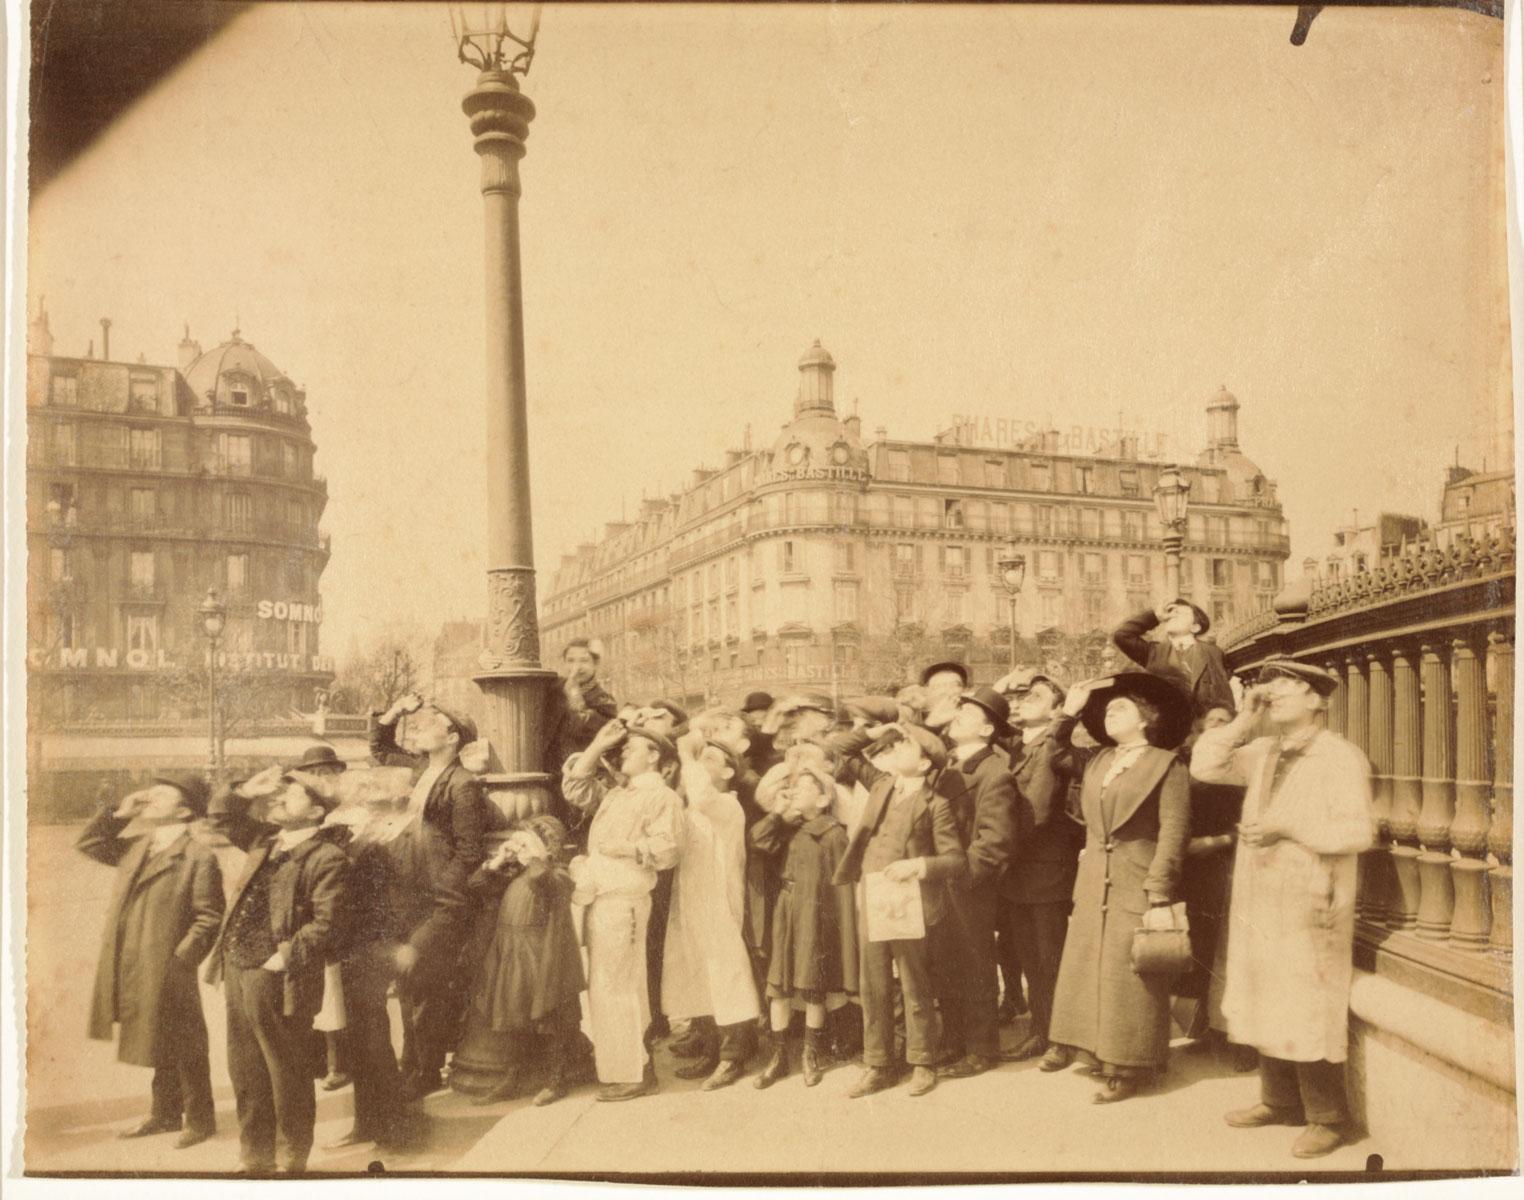 Eugène Atget, Sonnenfinsternis auf der Place de la Bastille, 1912, 18,1×22,6 cm (Ausschnitt)